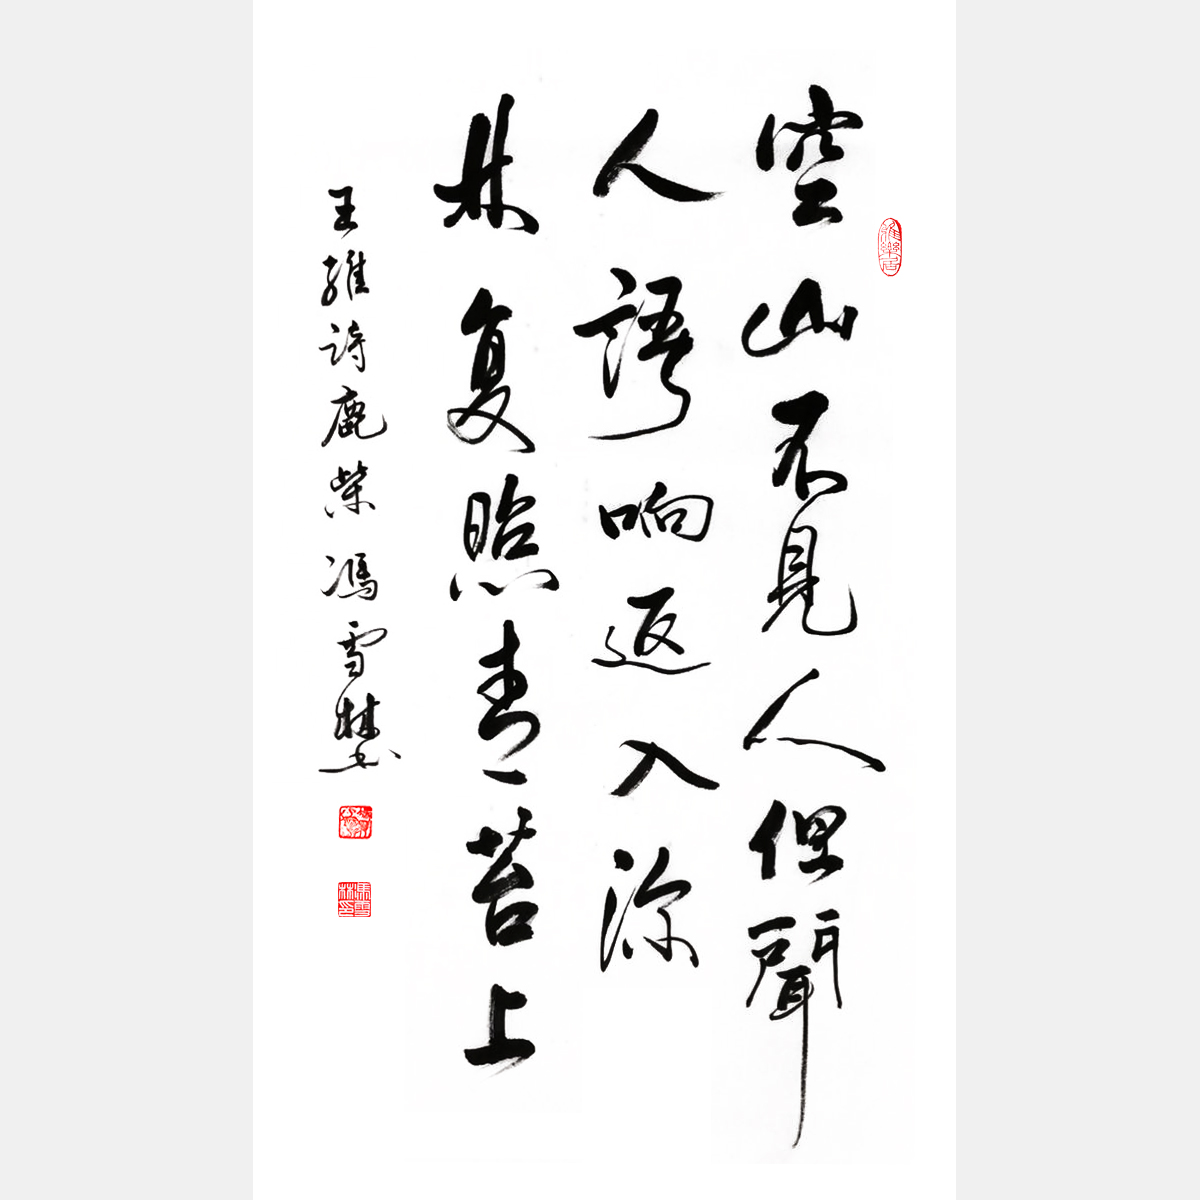 王维《鹿柴》行书书法作品 条幅字画